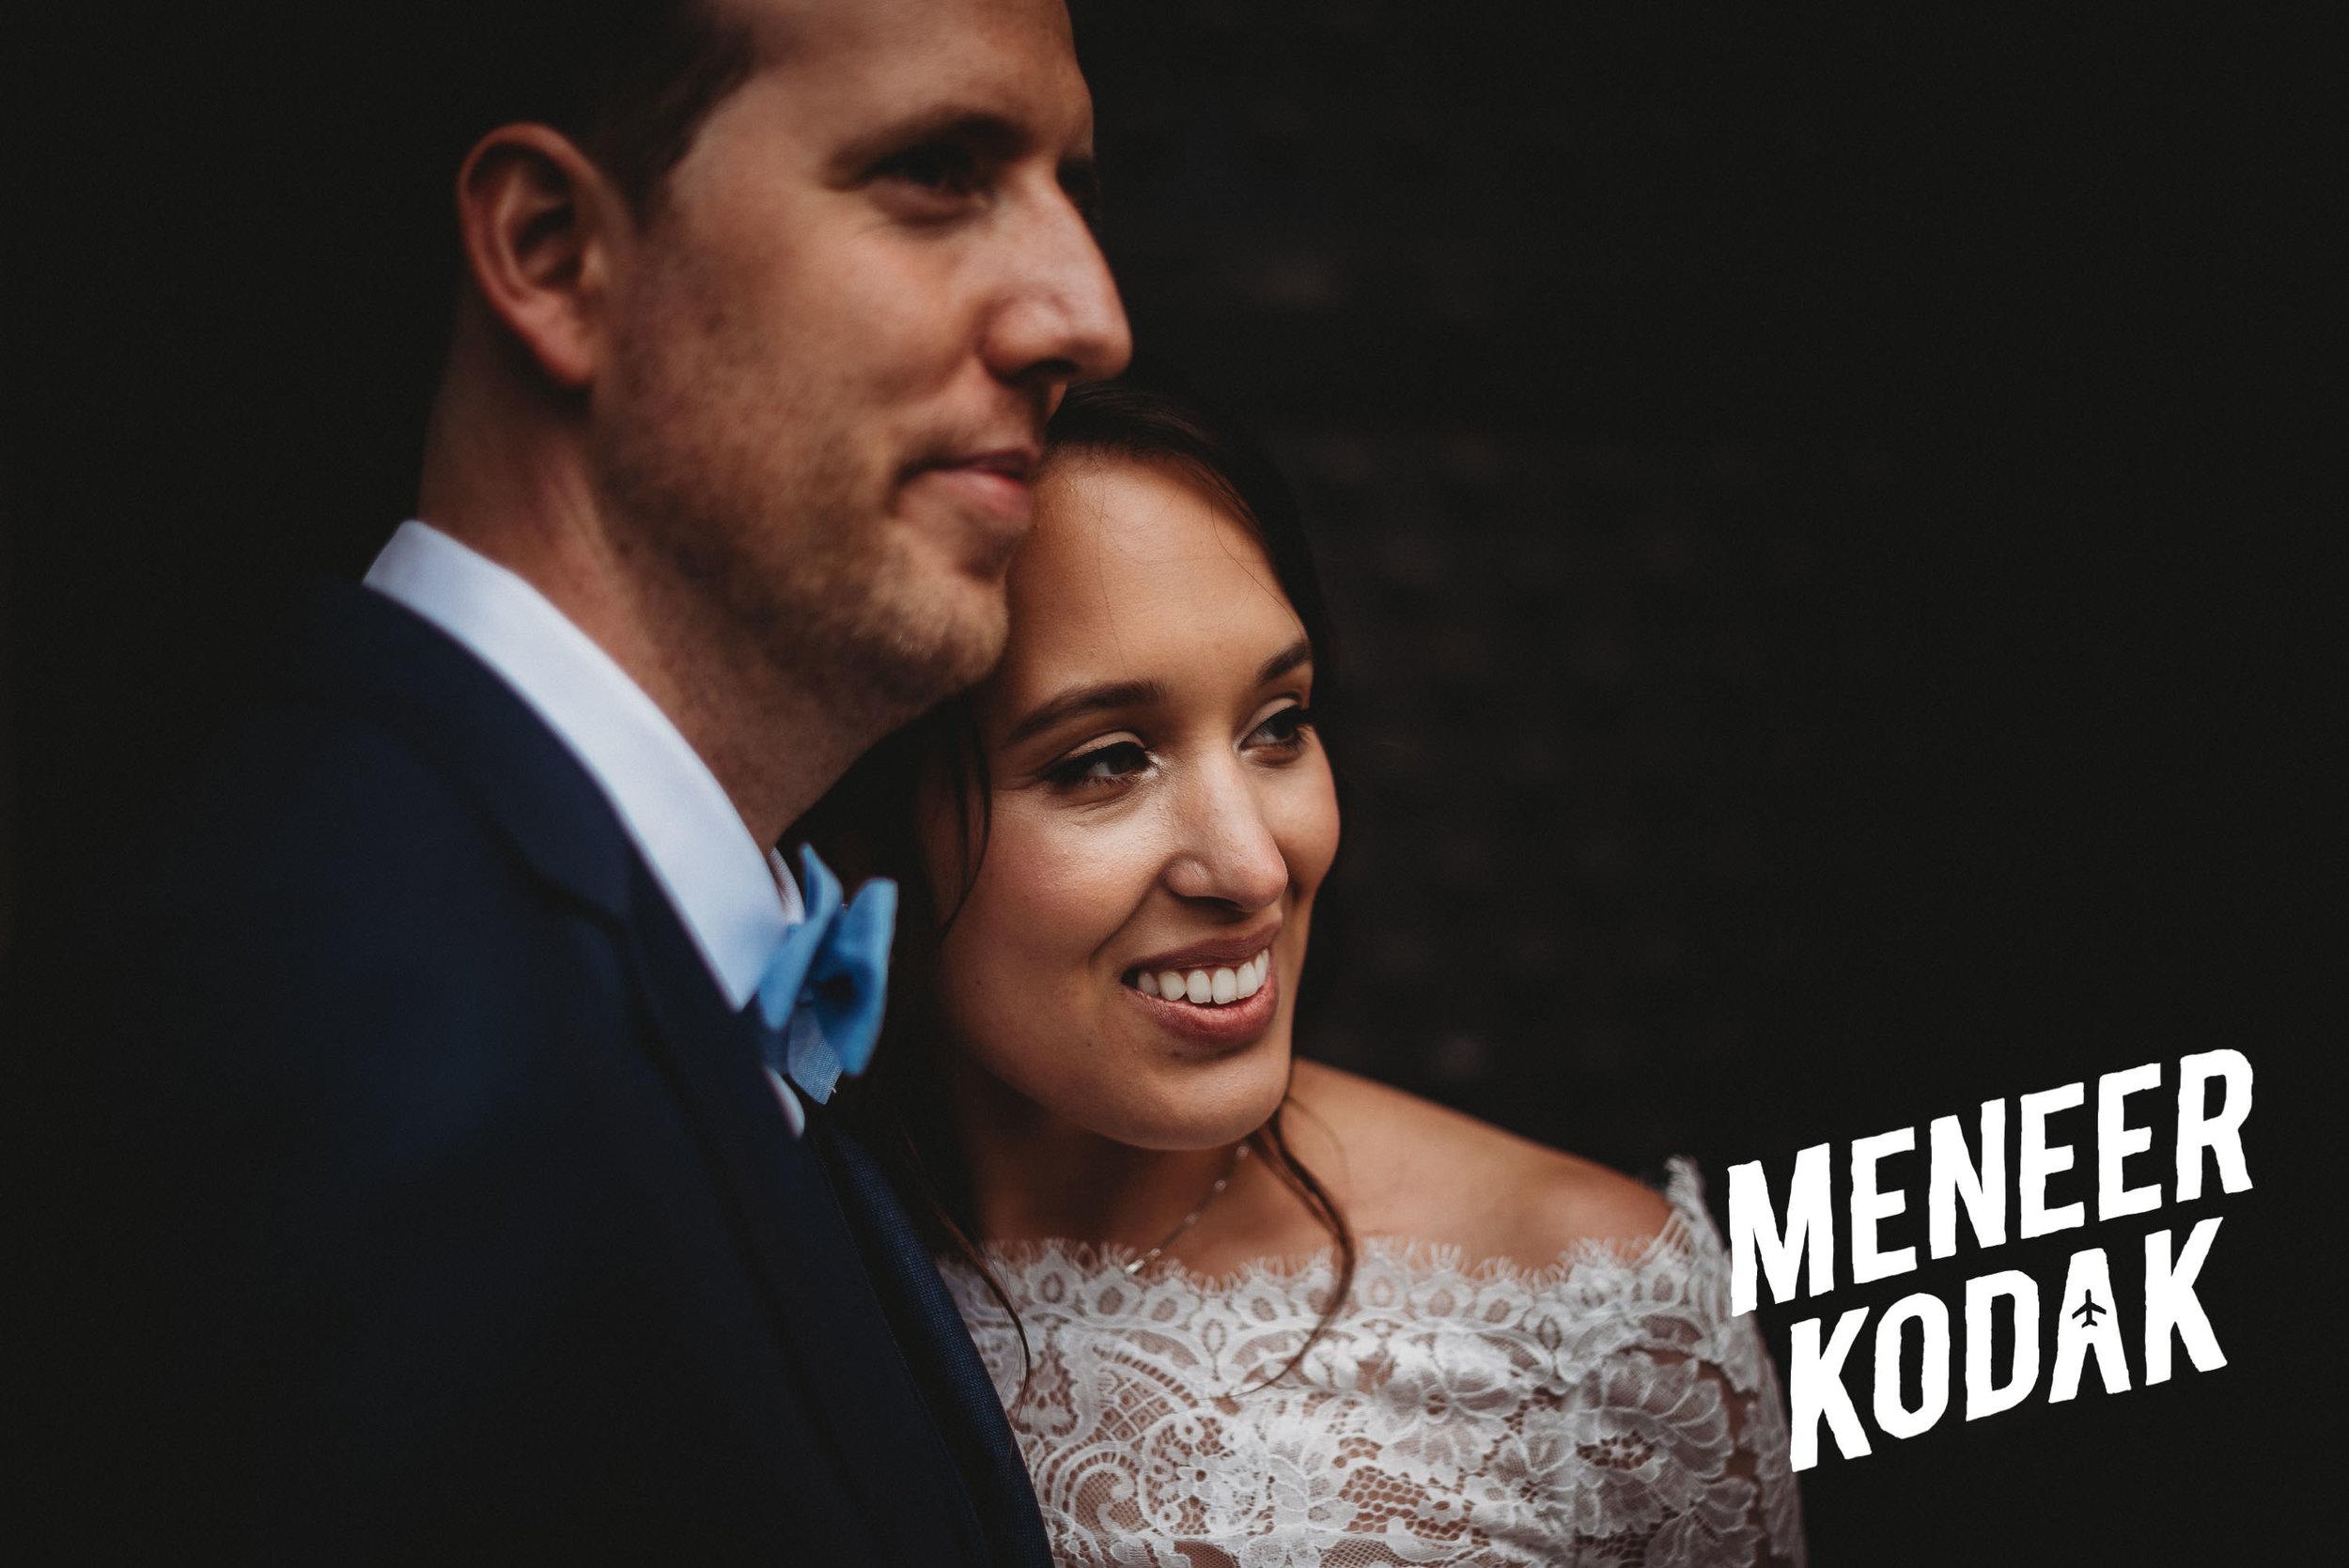 Meneer Kodak - Trouwfotograaf - Gent - D&T-042.jpg